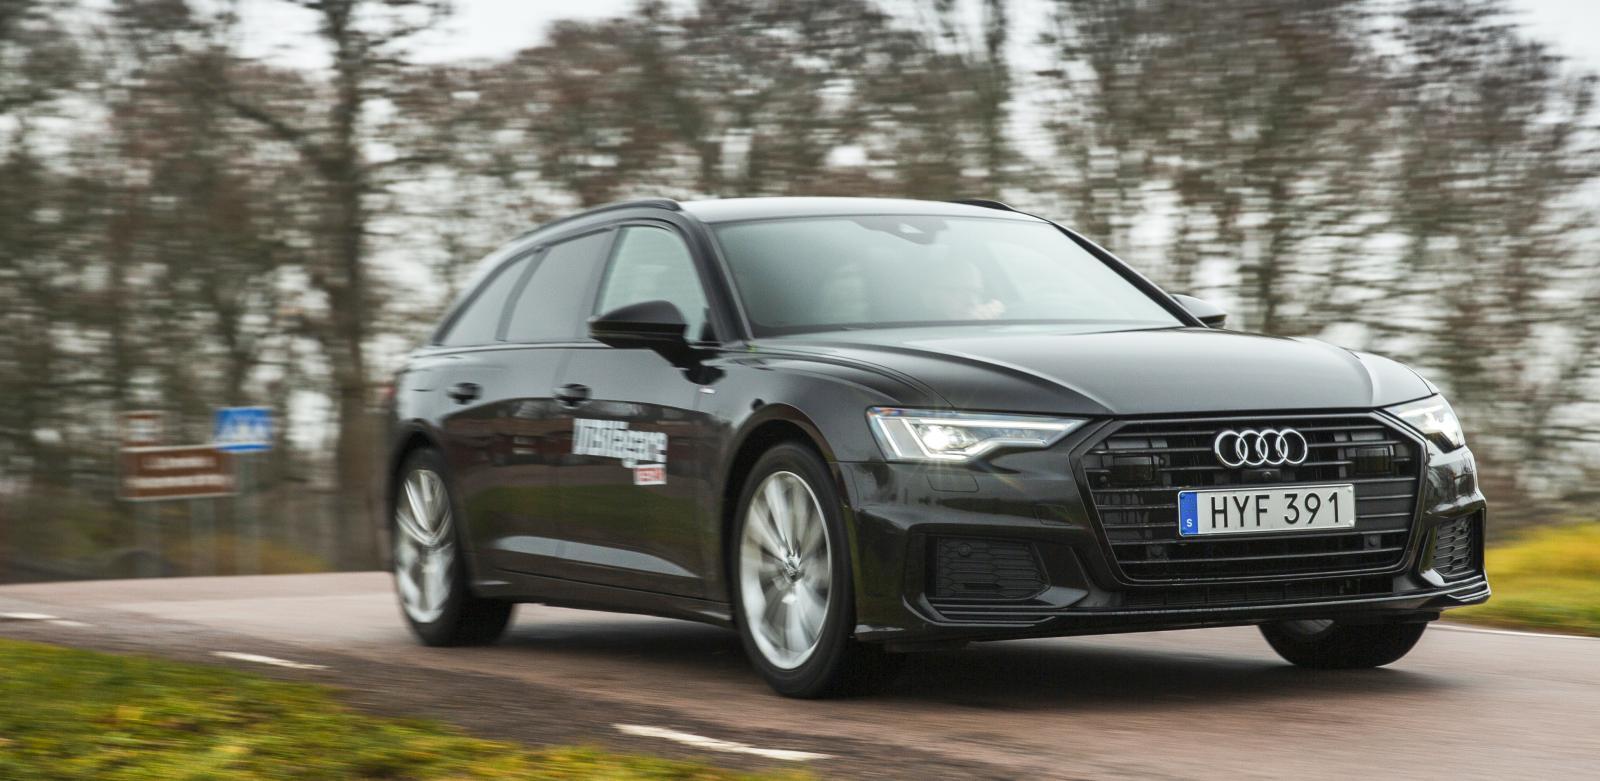 Audi A6 kommer först bland de nya bilmodeller som ägarna är nöjdast med. Koncernsyskonet Volkswagen Passat lyckas inte alls lika bra.